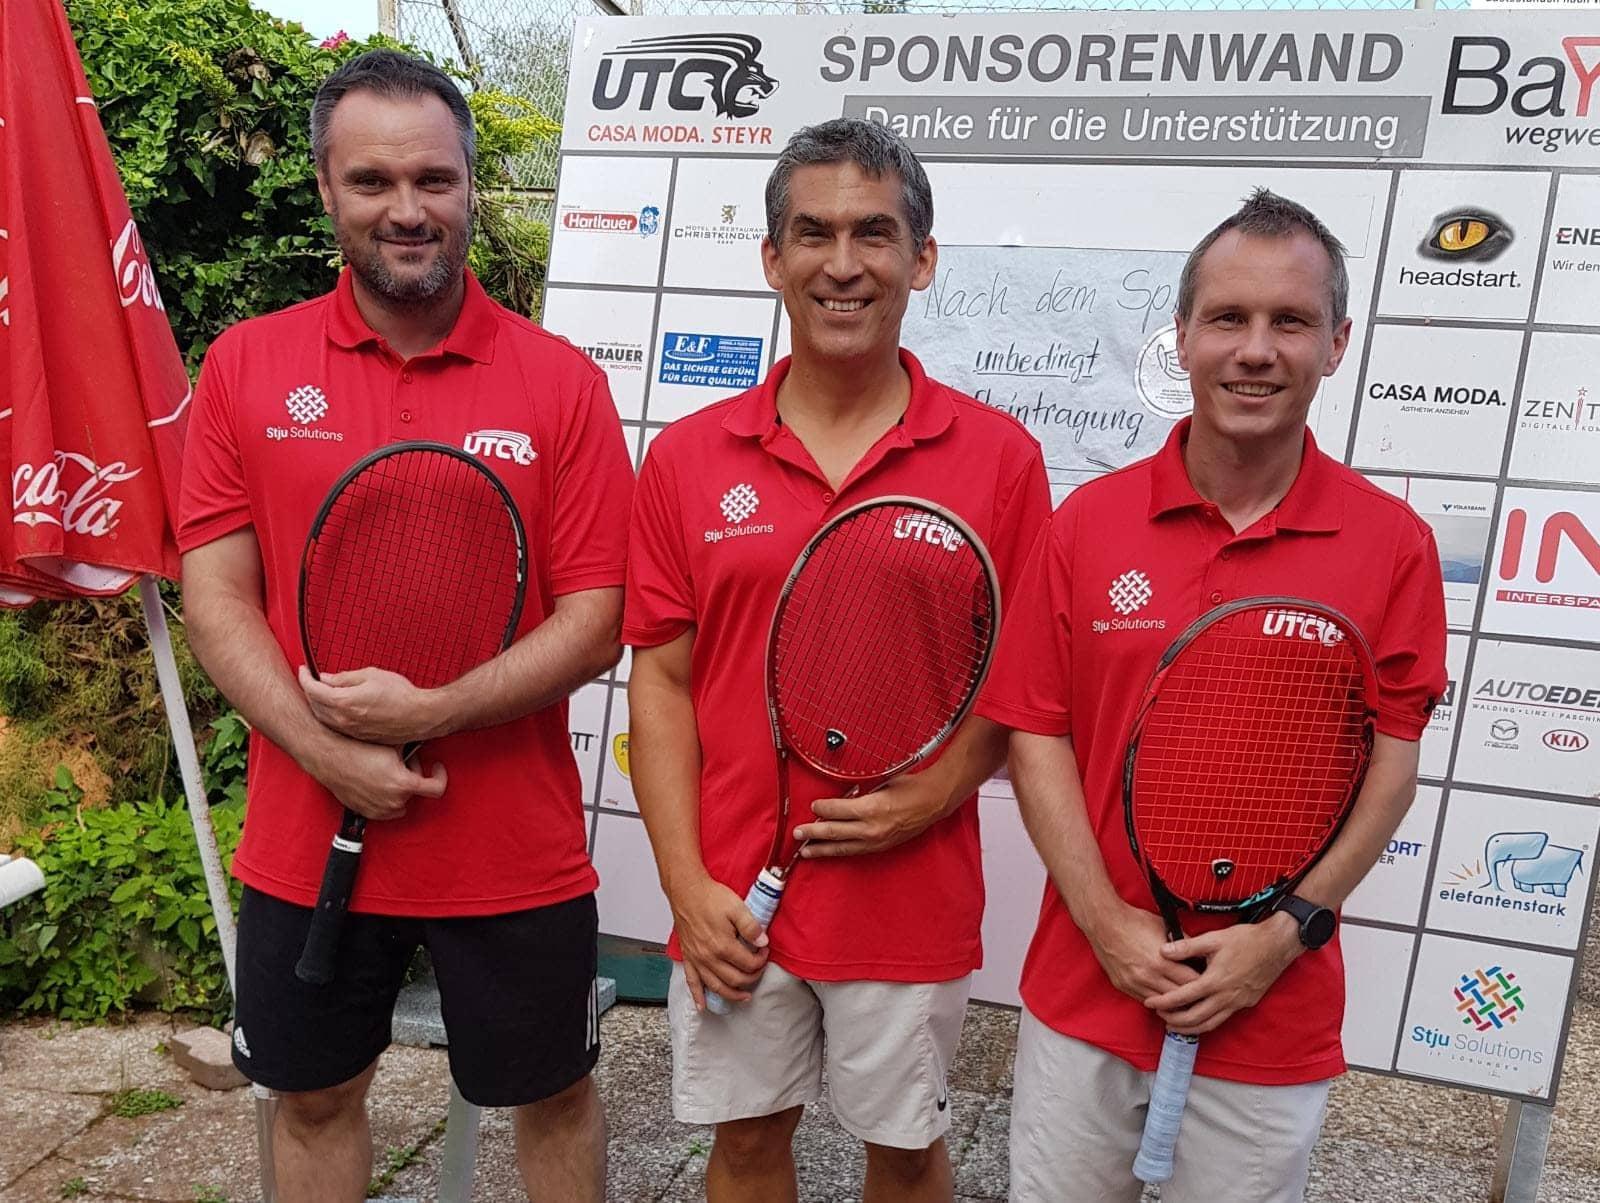 Tennis Herren 35 2er Mannschaftsfoto UTC CASA MODA Steyr